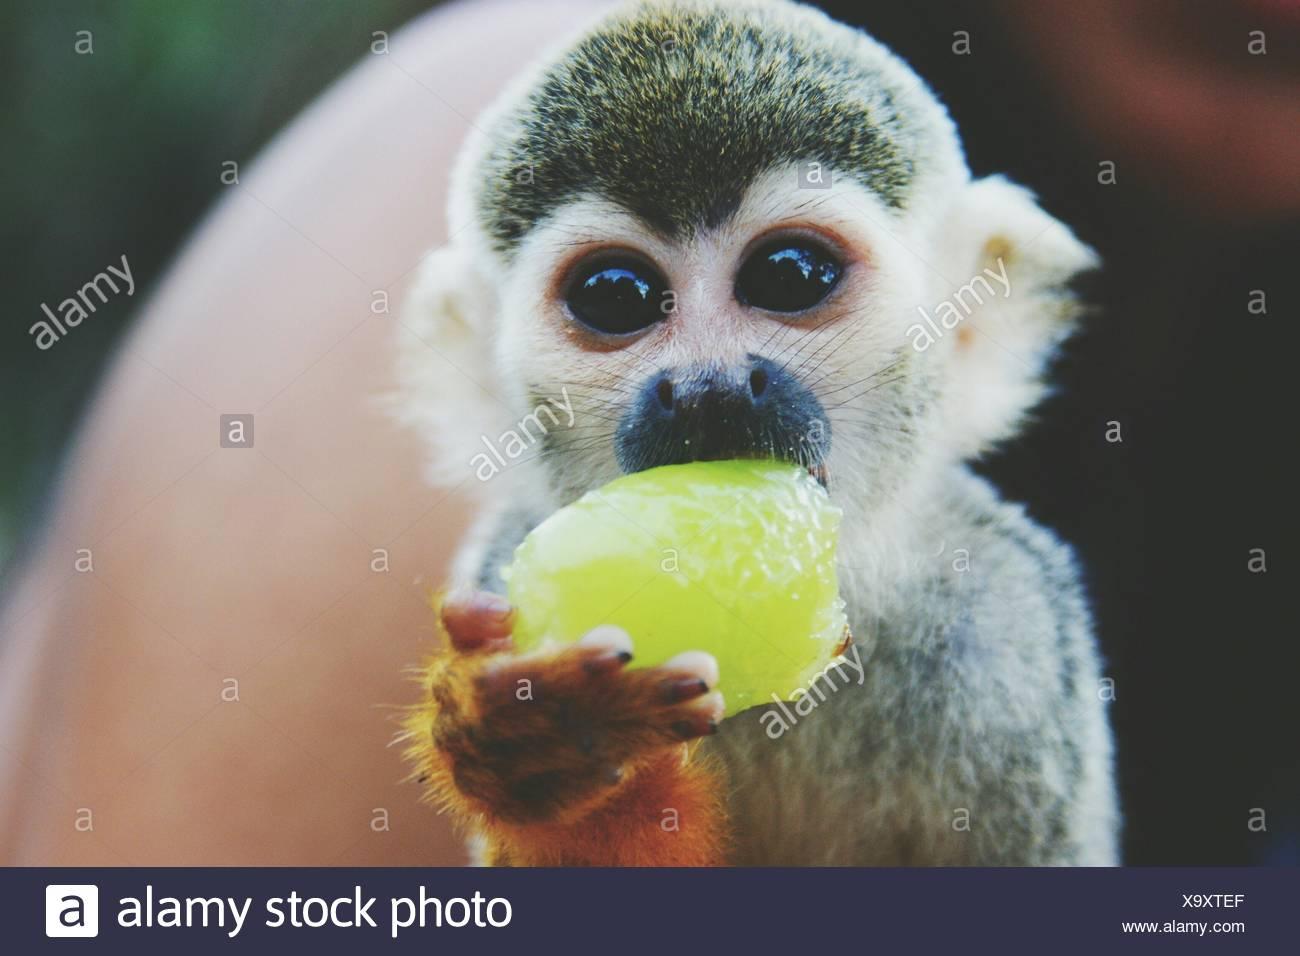 Retrato de Mono ardilla comiendo fruta al aire libre Imagen De Stock